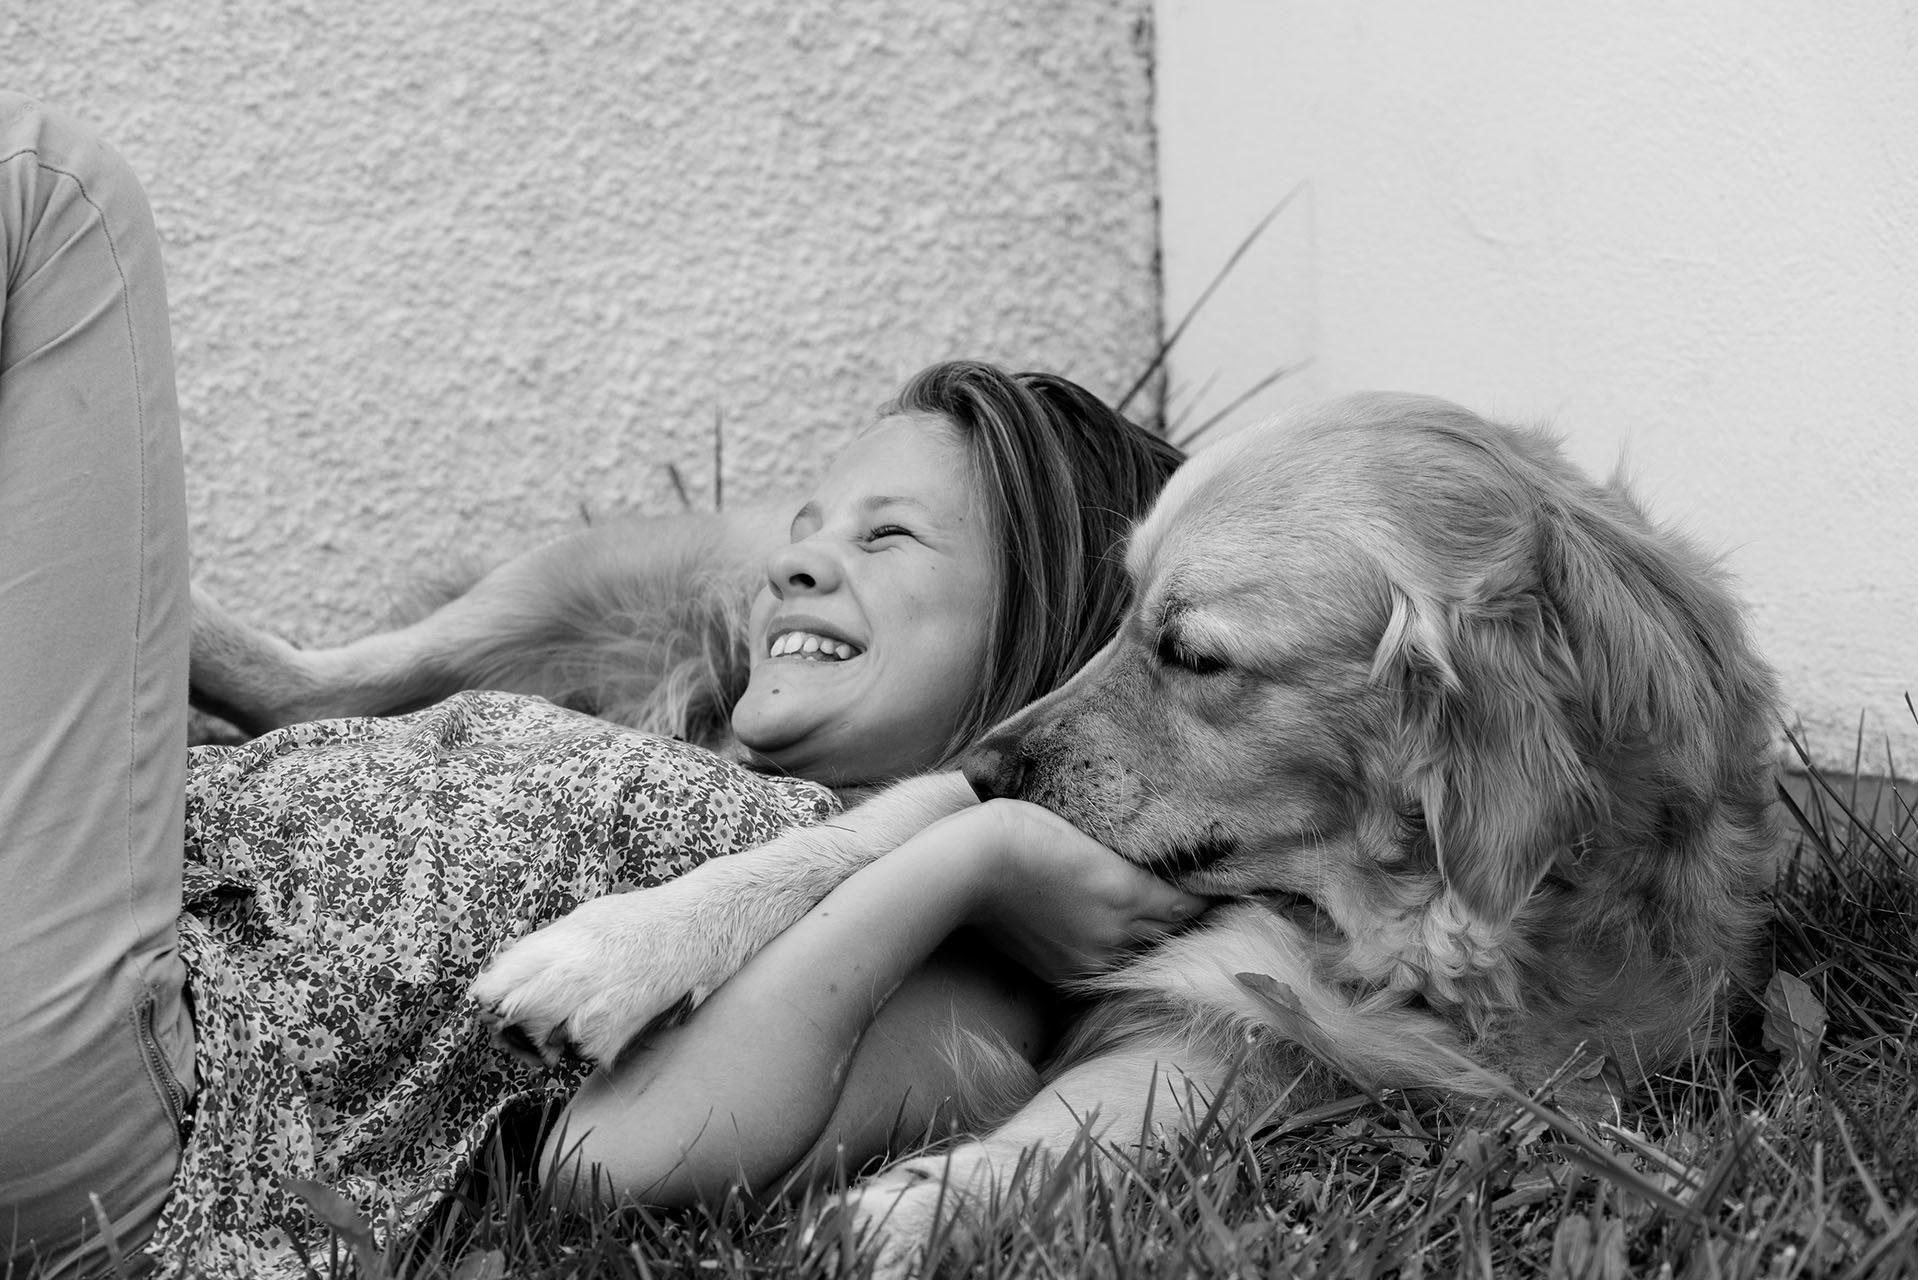 photographe-ile-de-france-portraits-famille-maya-angelsen-hauts-de-seine